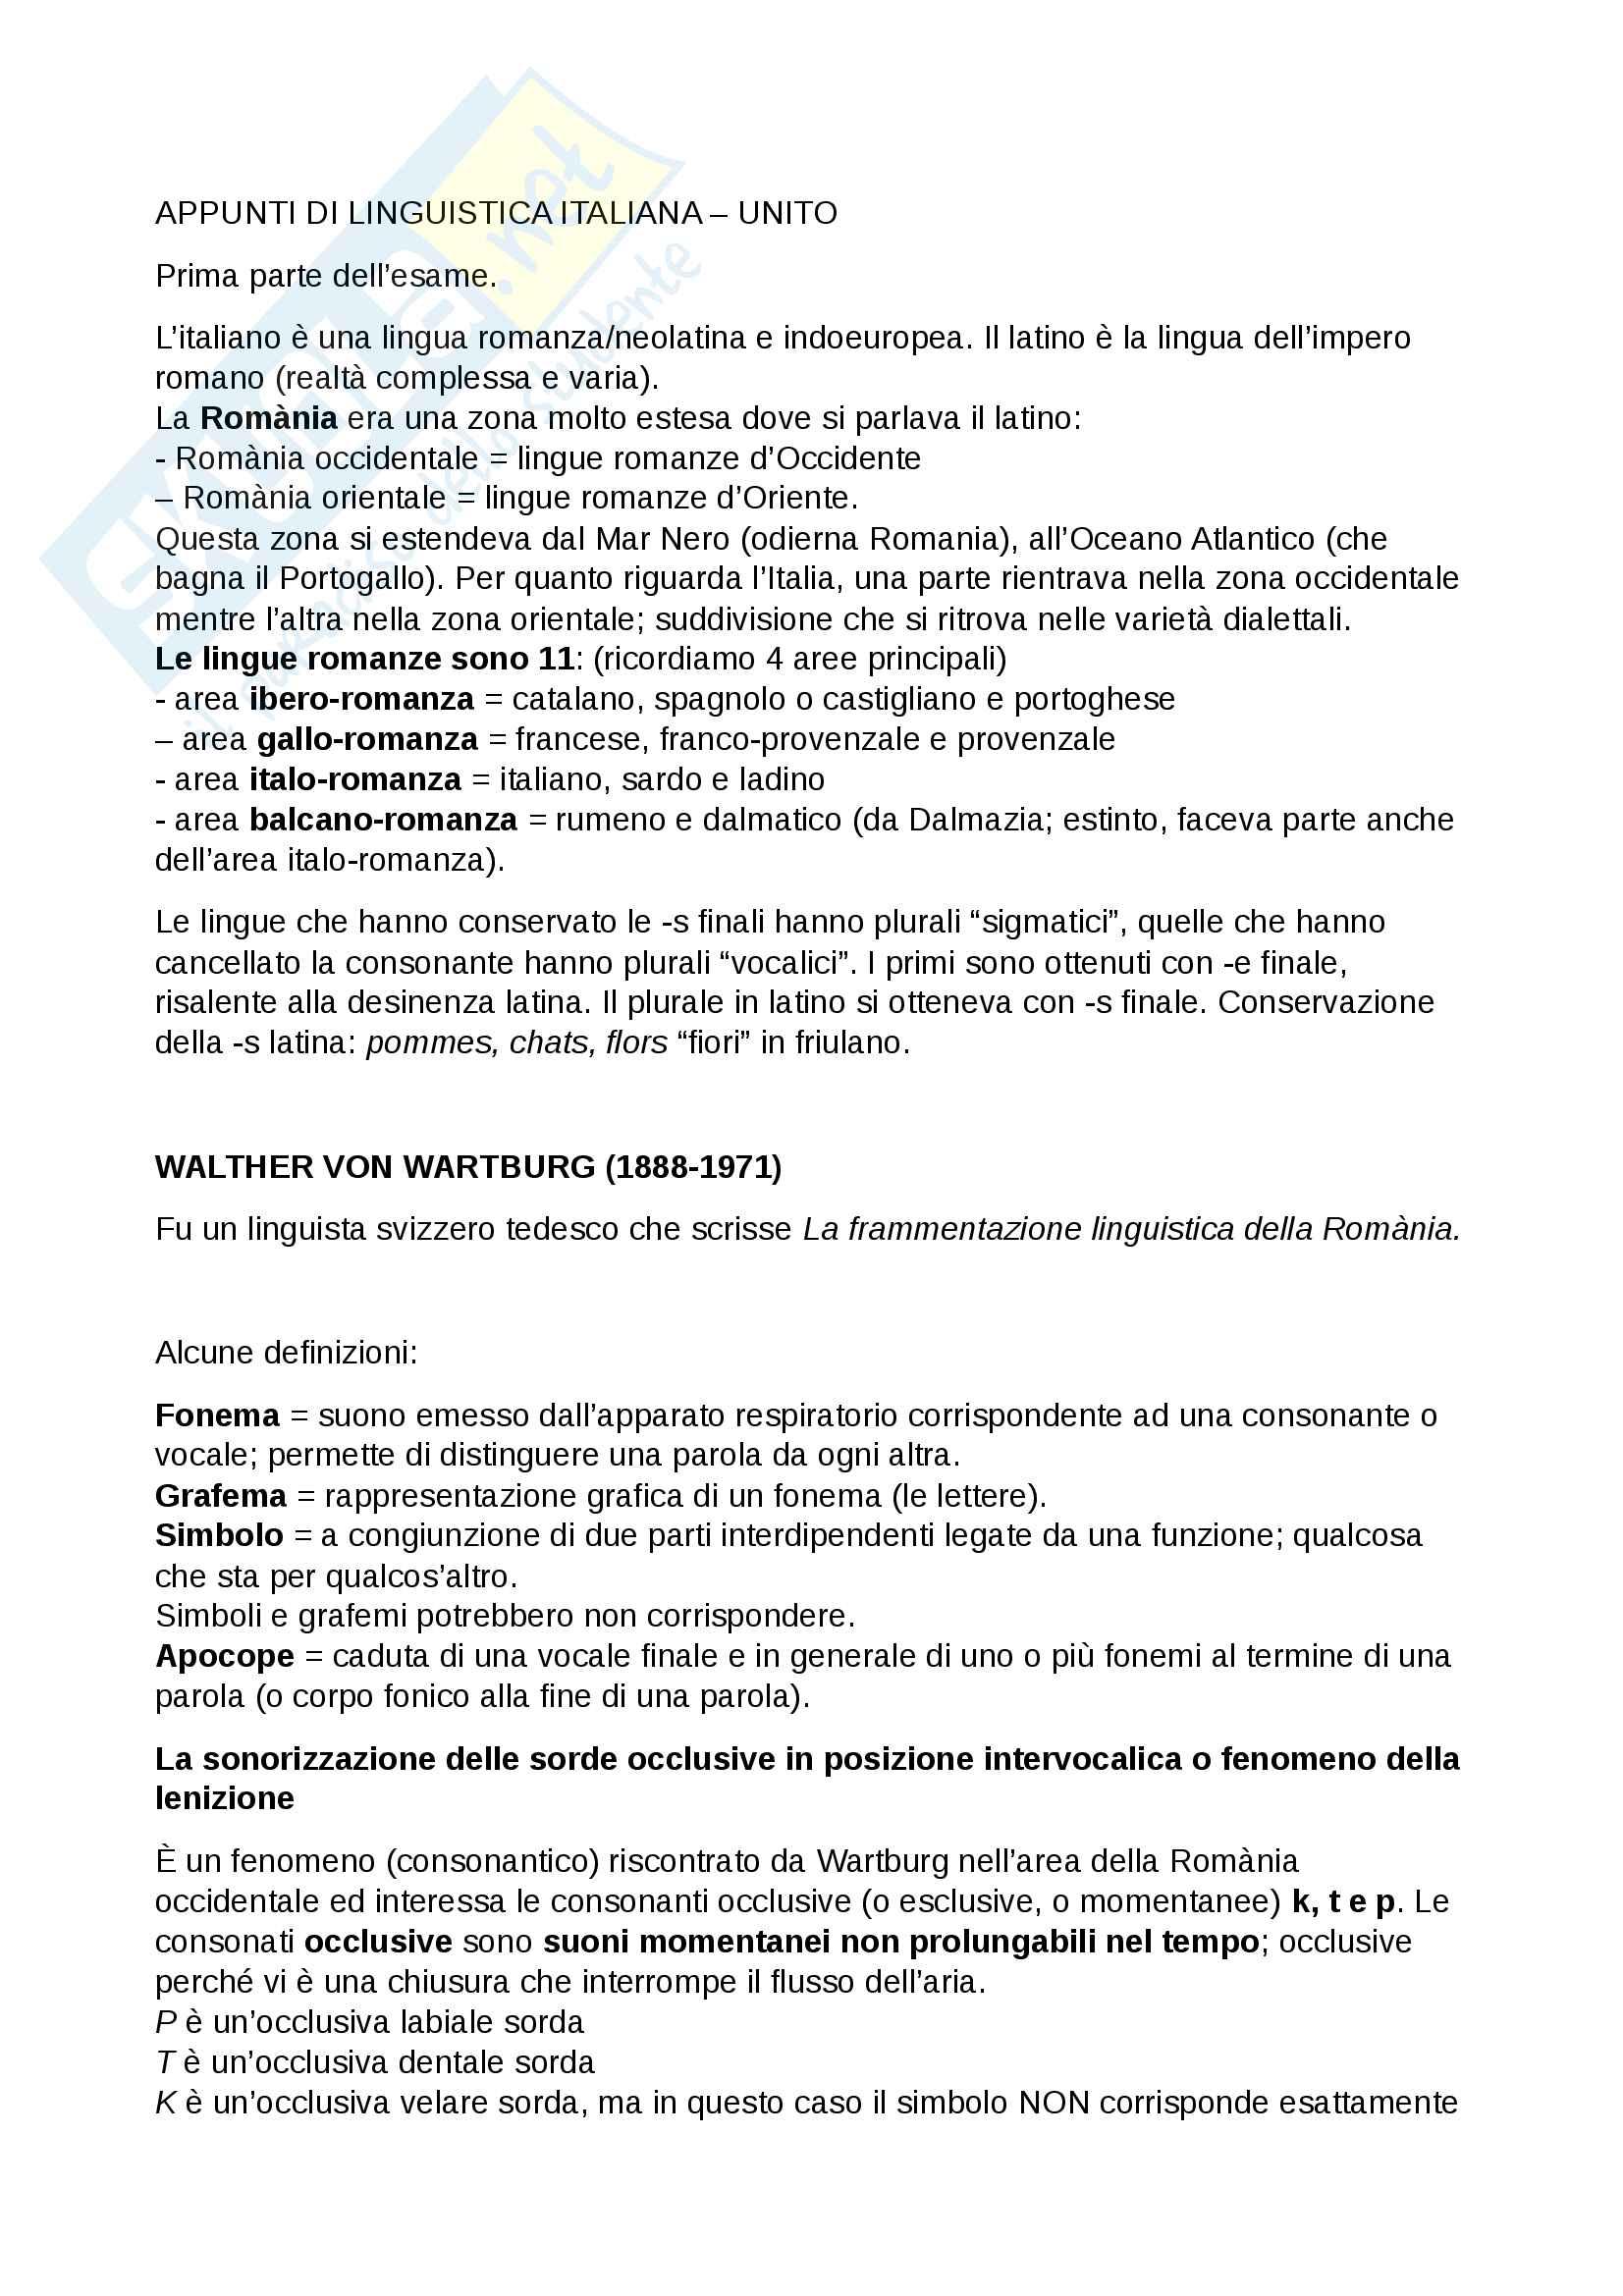 Appunti Linguistica italiana, Prima parte